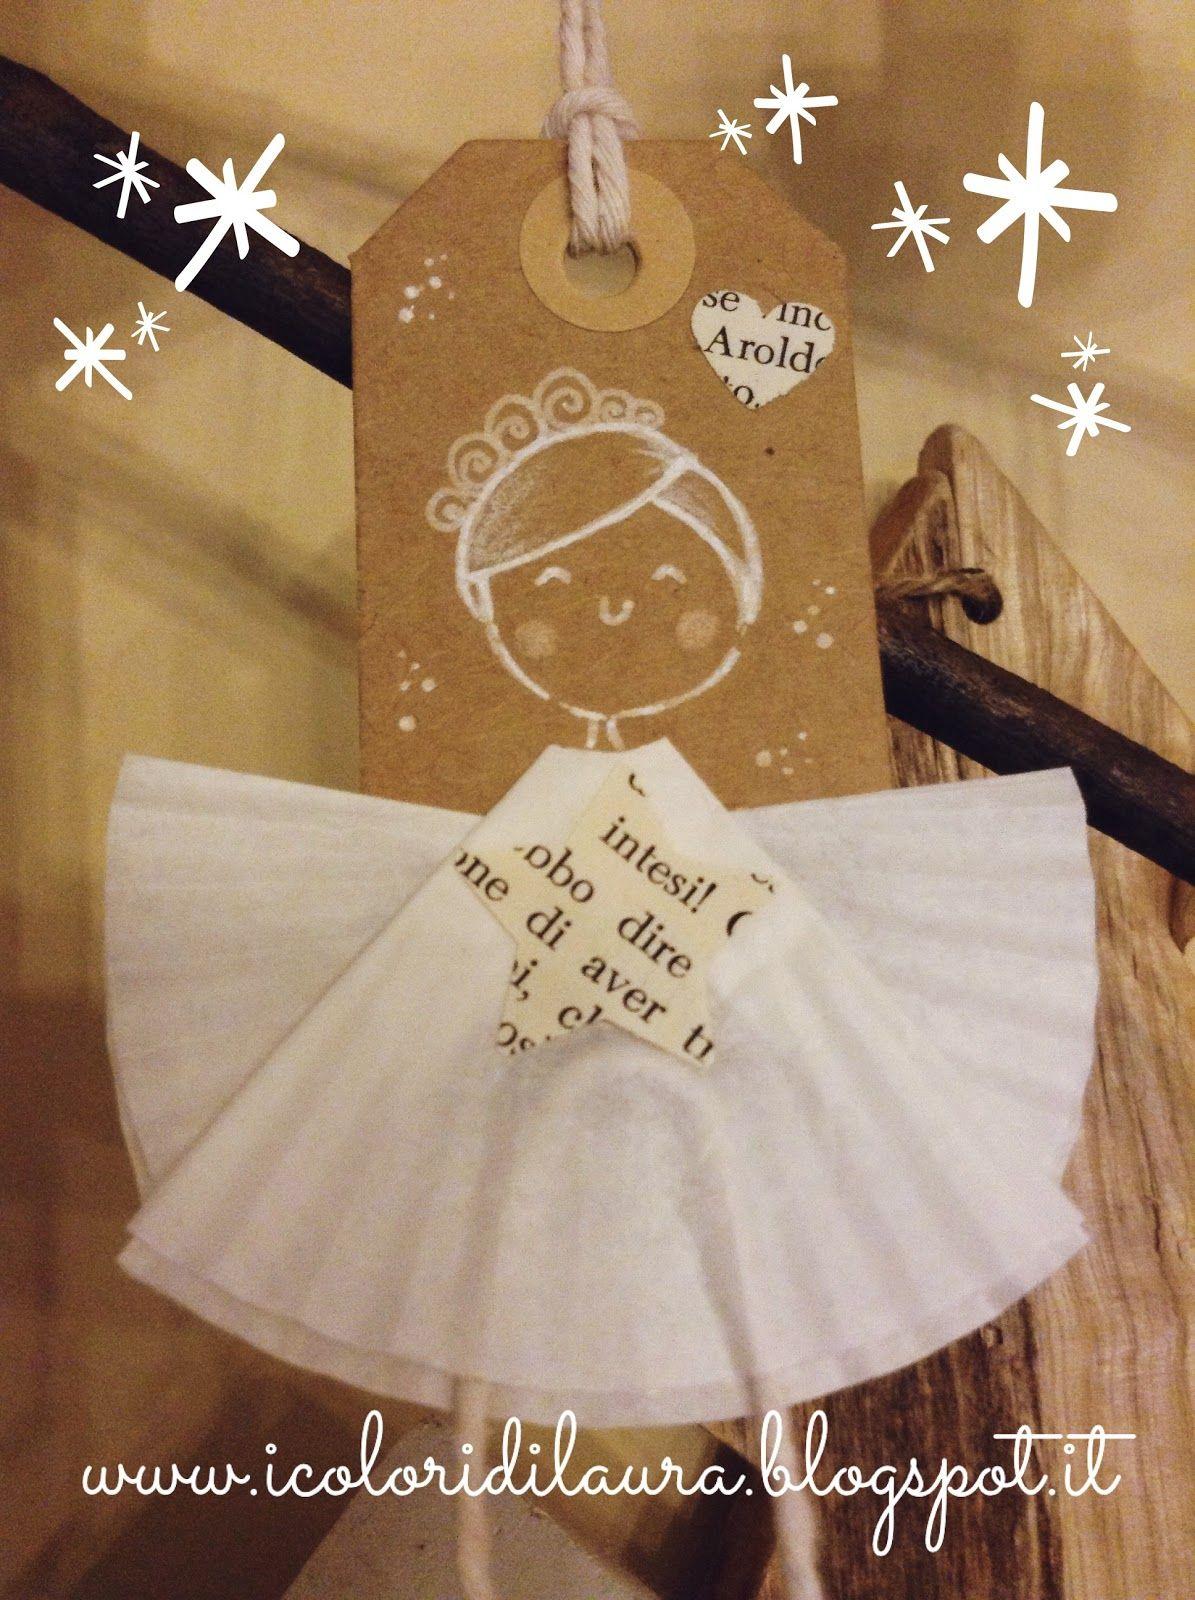 Regali Di Natale Fai Da Te Fatti Da Bambini.Angel S Tag Tutorial Di Natale Per Bambini E Mamme Creative I